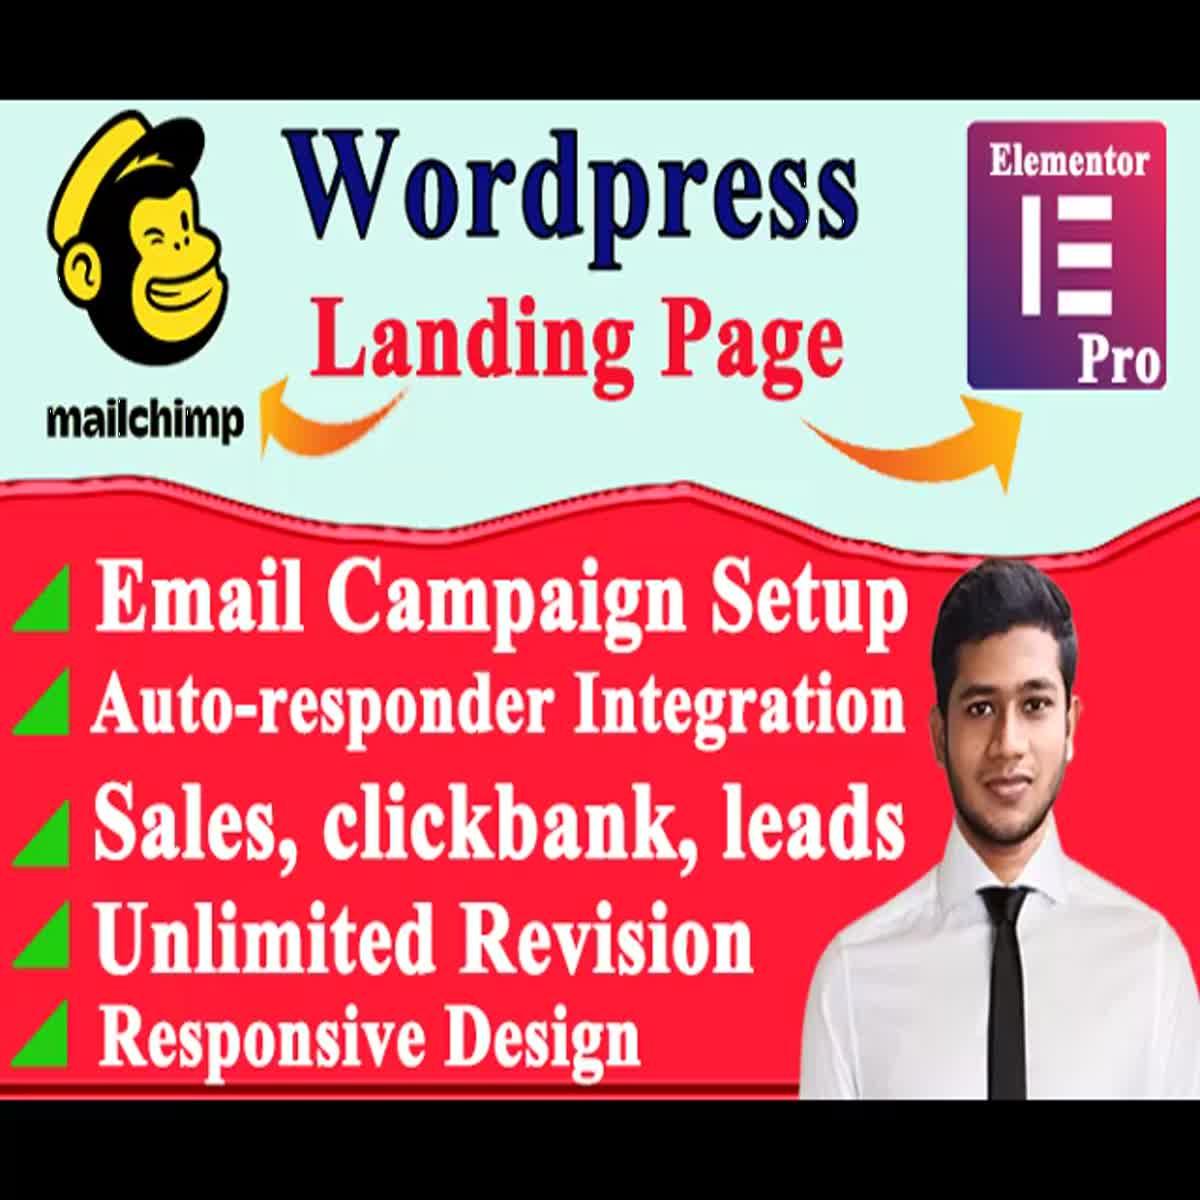 wordpress landing page design elementor landing page mailchimp landing page